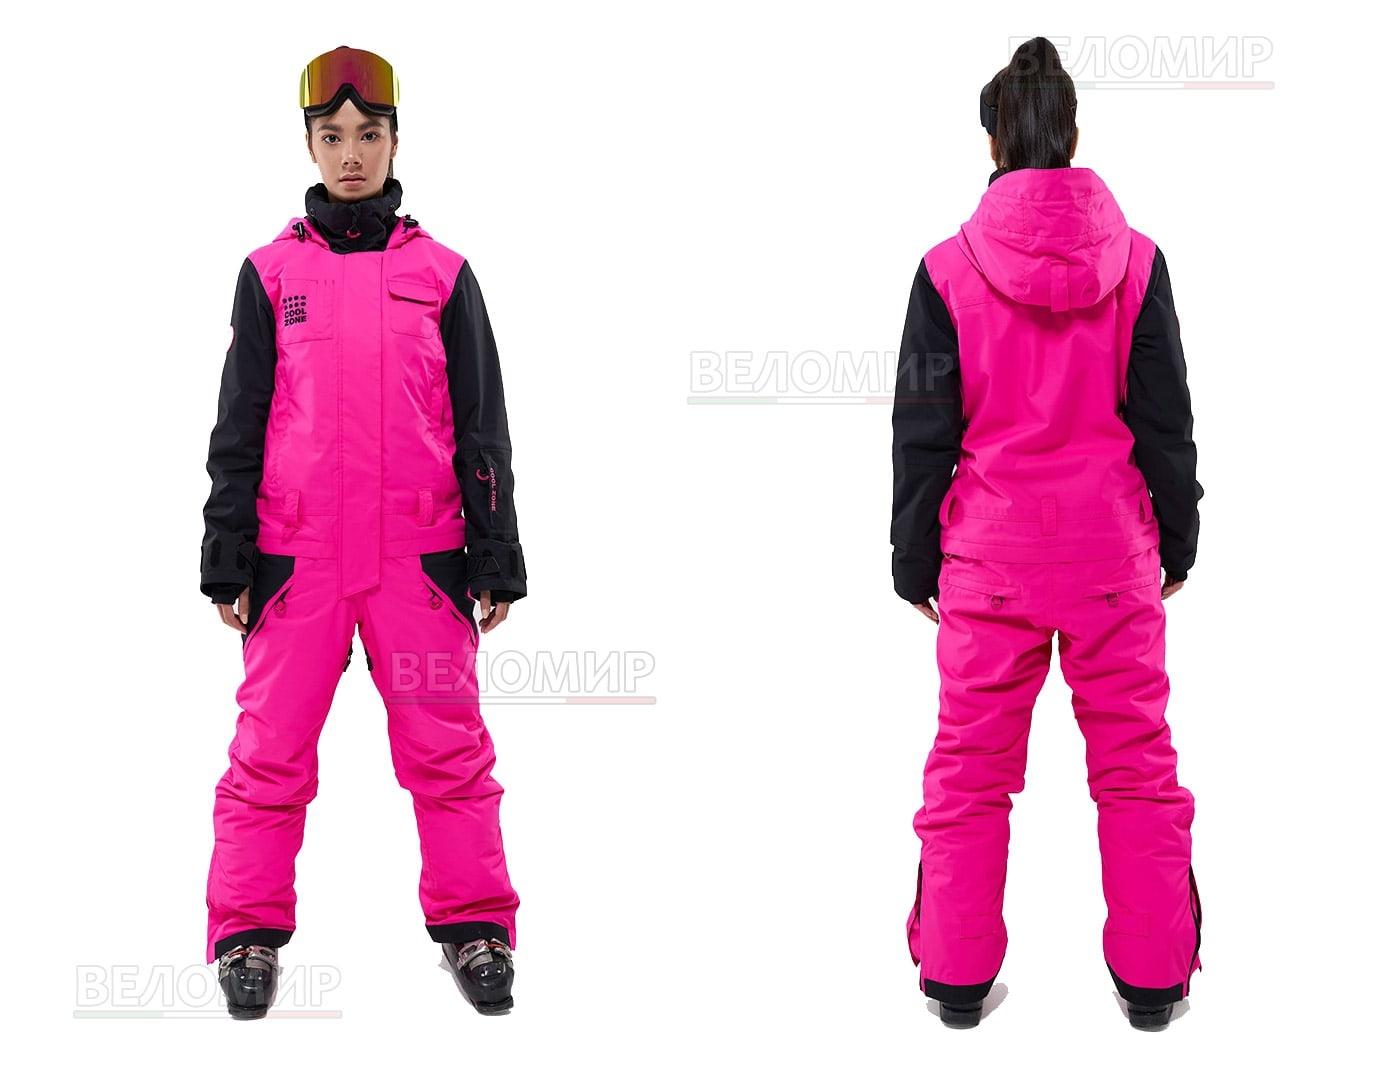 Комбинезон Cool Zone FLEX KN1110/22/20 Цикламеновый/Черный (2020)